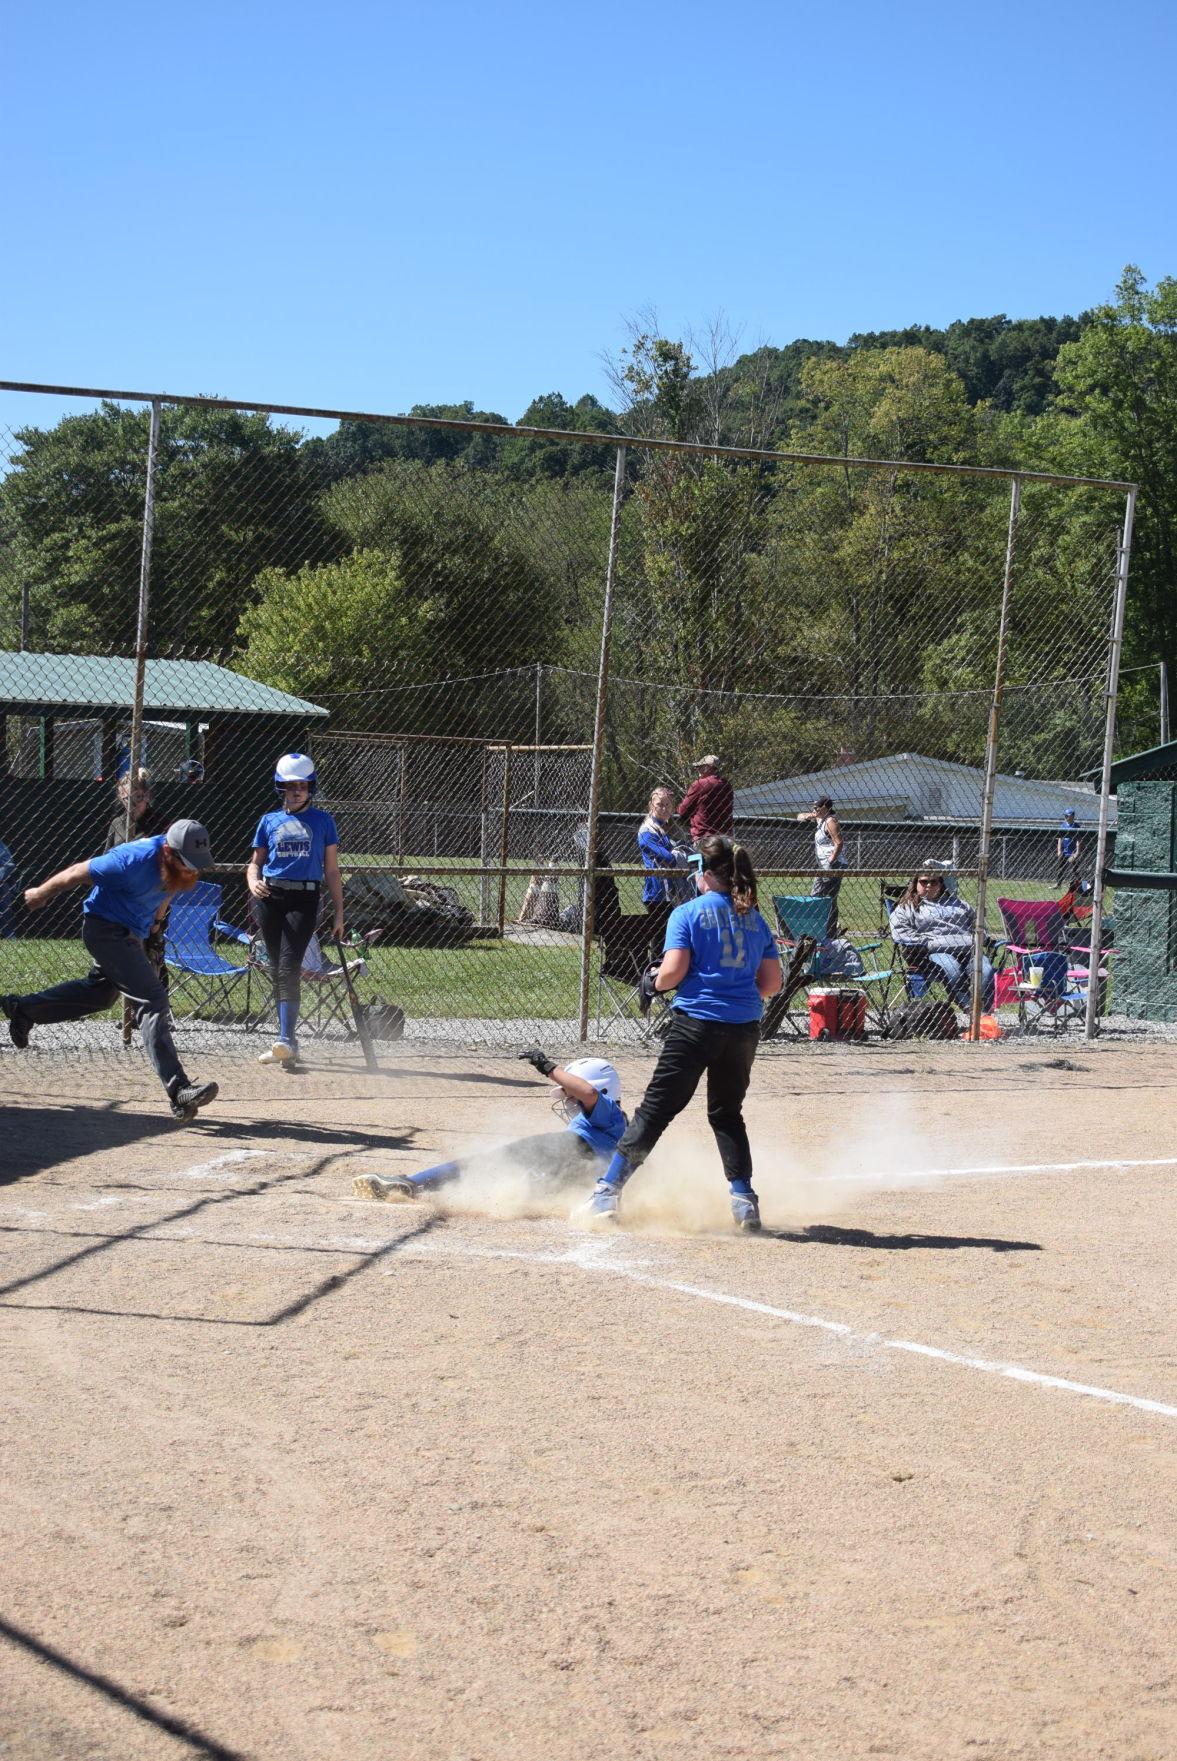 Lewis Baseball Association hosts Fall Ball Tournament